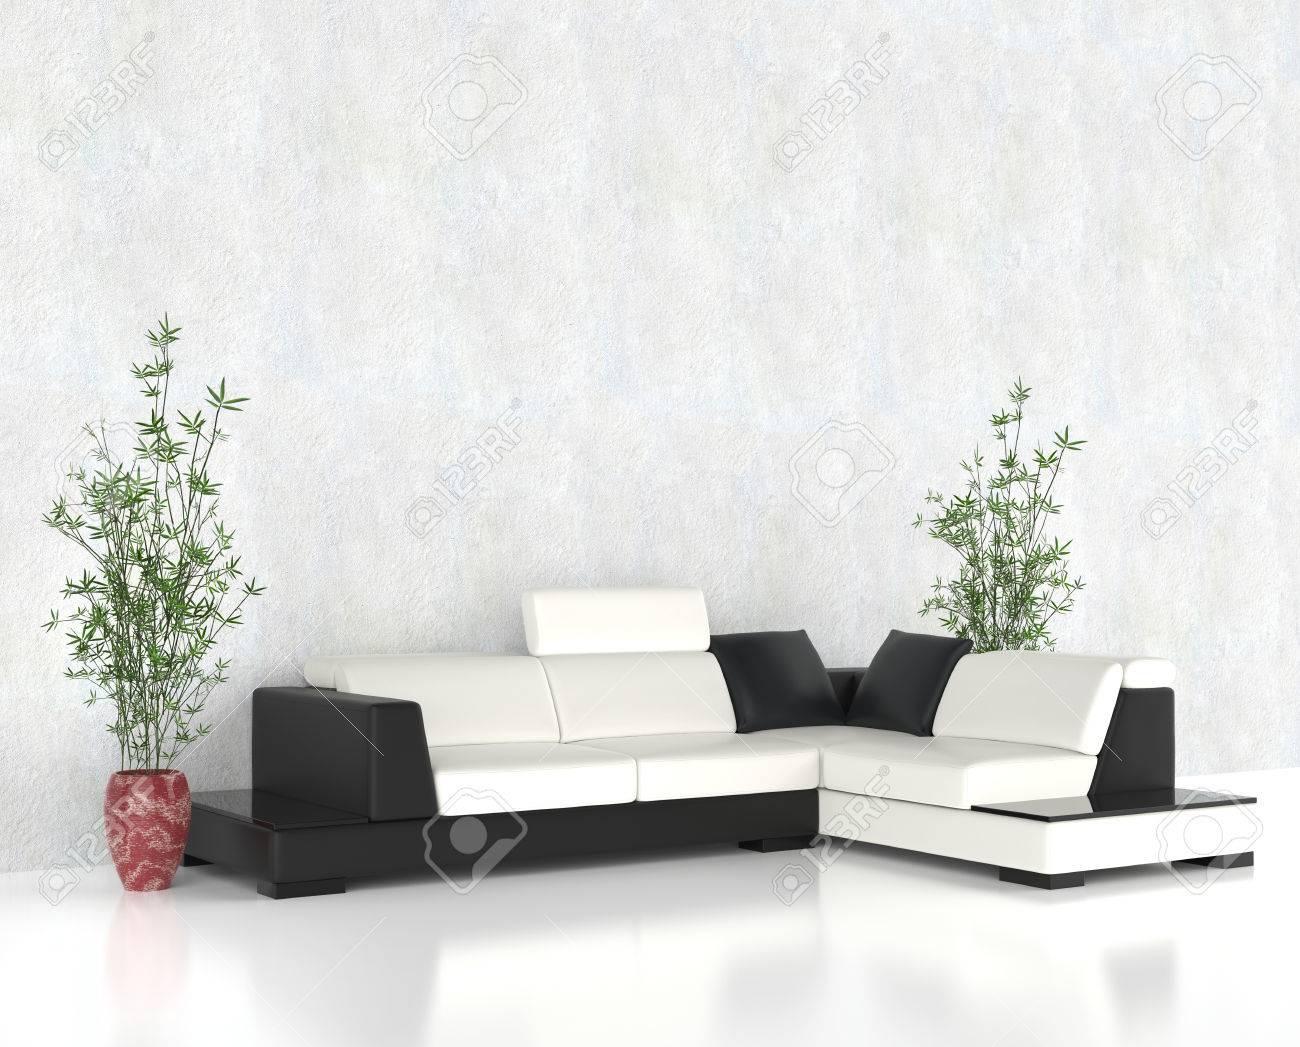 Wunderbar Modernes Helles Wohnzimmer Möbel Set Standard Bild   44766410